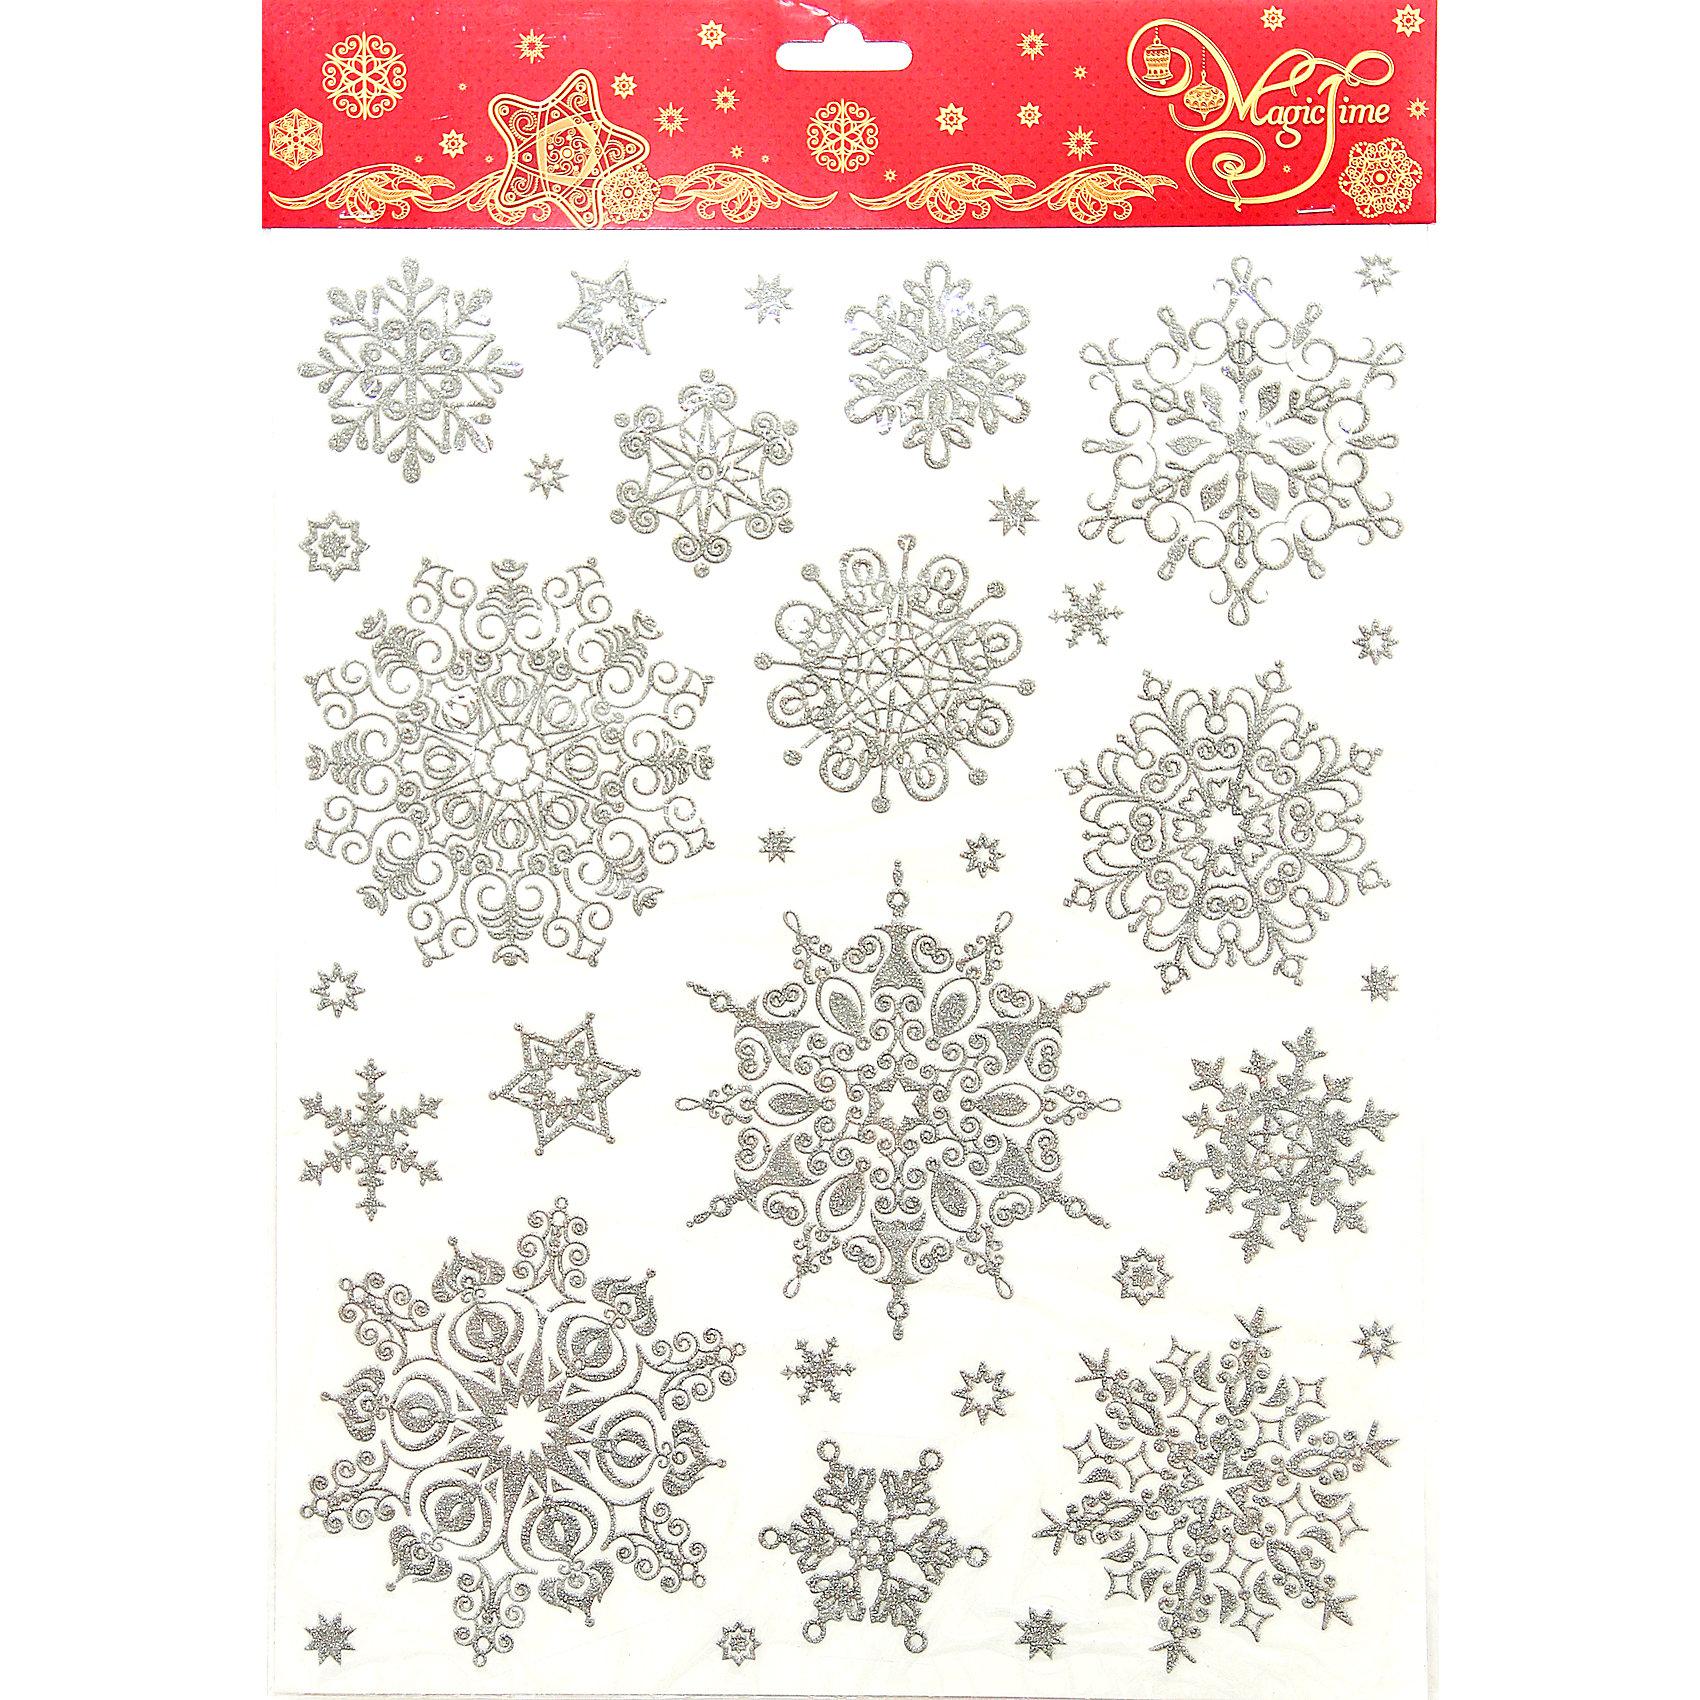 Украшение на окно Объемные серебряные снежинки 30*38 смНовинки Новый Год<br>Украшение на окно Объемные серебряные снежинки 30*38 см – декоративное украшение создаст новогоднее настроение и принесёт радость детям.<br>Украшение на окно Объемные серебряные снежинки сделает ваше окно сказочно красивым, создаст впечатление свежести, настоящего мороза и наполнит дом ощущением предстоящих Новогодних праздников. Украшение изготовлено из ПВХ пленки, декорировано глиттером. Крепится к гладкой поверхности стекла посредством статистического эффекта.<br><br>Дополнительная информация:<br><br>- Размер: 30 х 38 см.<br>- Материал: ПВХ пленка<br>- Декорировано глиттером<br><br>Украшение на окно Объемные серебряные снежинки 30*38 см можно купить в нашем интернет-магазине.<br><br>Ширина мм: 1<br>Глубина мм: 300<br>Высота мм: 440<br>Вес г: 75<br>Возраст от месяцев: 36<br>Возраст до месяцев: 2147483647<br>Пол: Унисекс<br>Возраст: Детский<br>SKU: 4274761